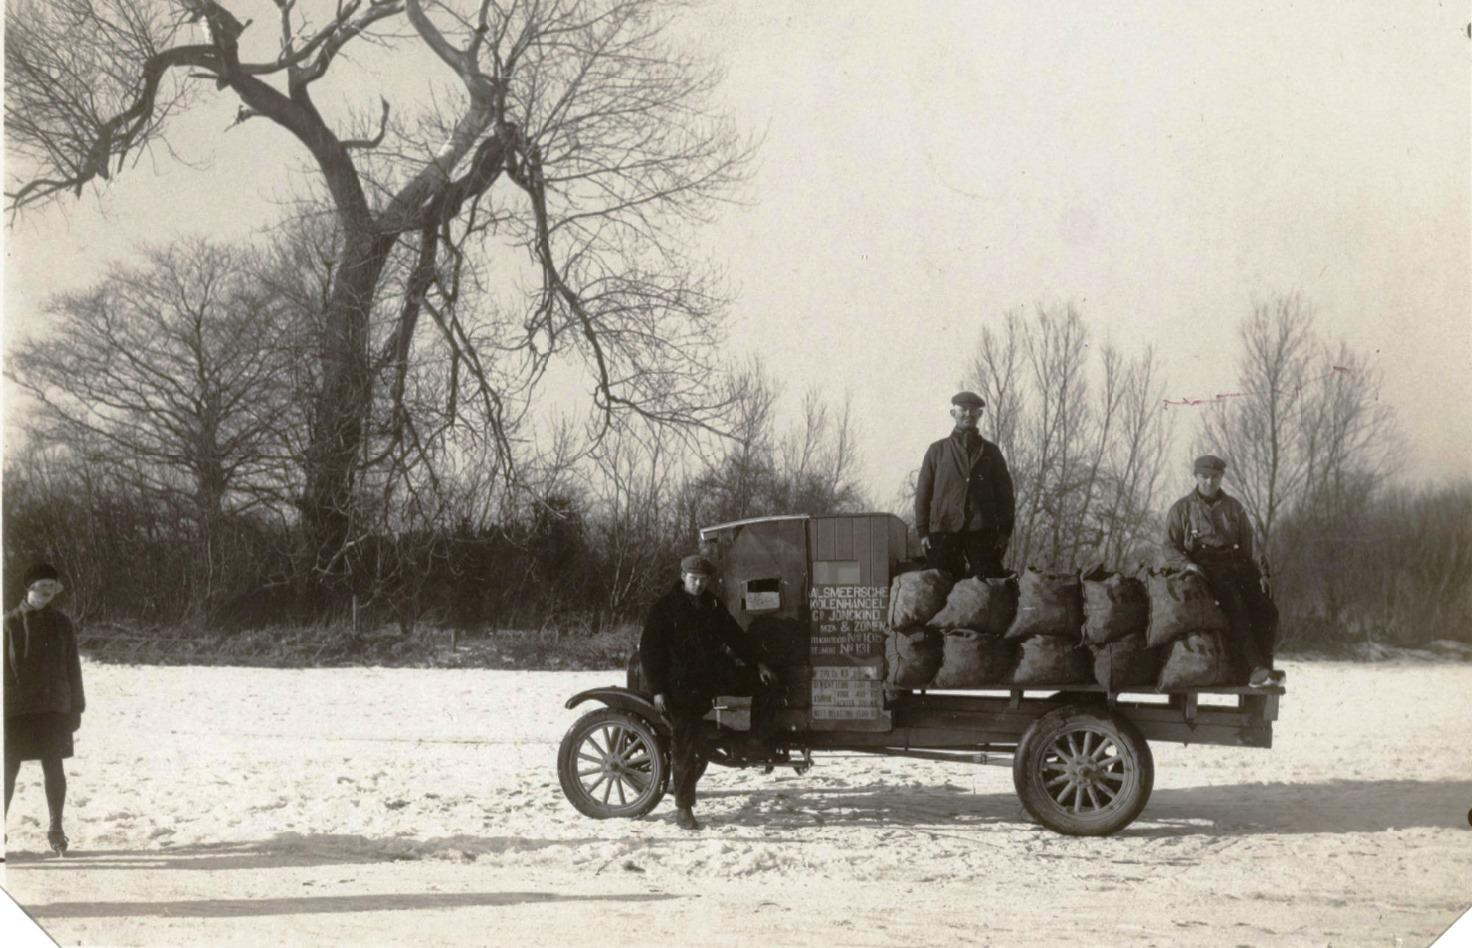 Brandstoffenvervoer-in-Aalsmeer-in-de-winter-van-1929--Vrachtauto-met-lading-ca.-2-500-kg